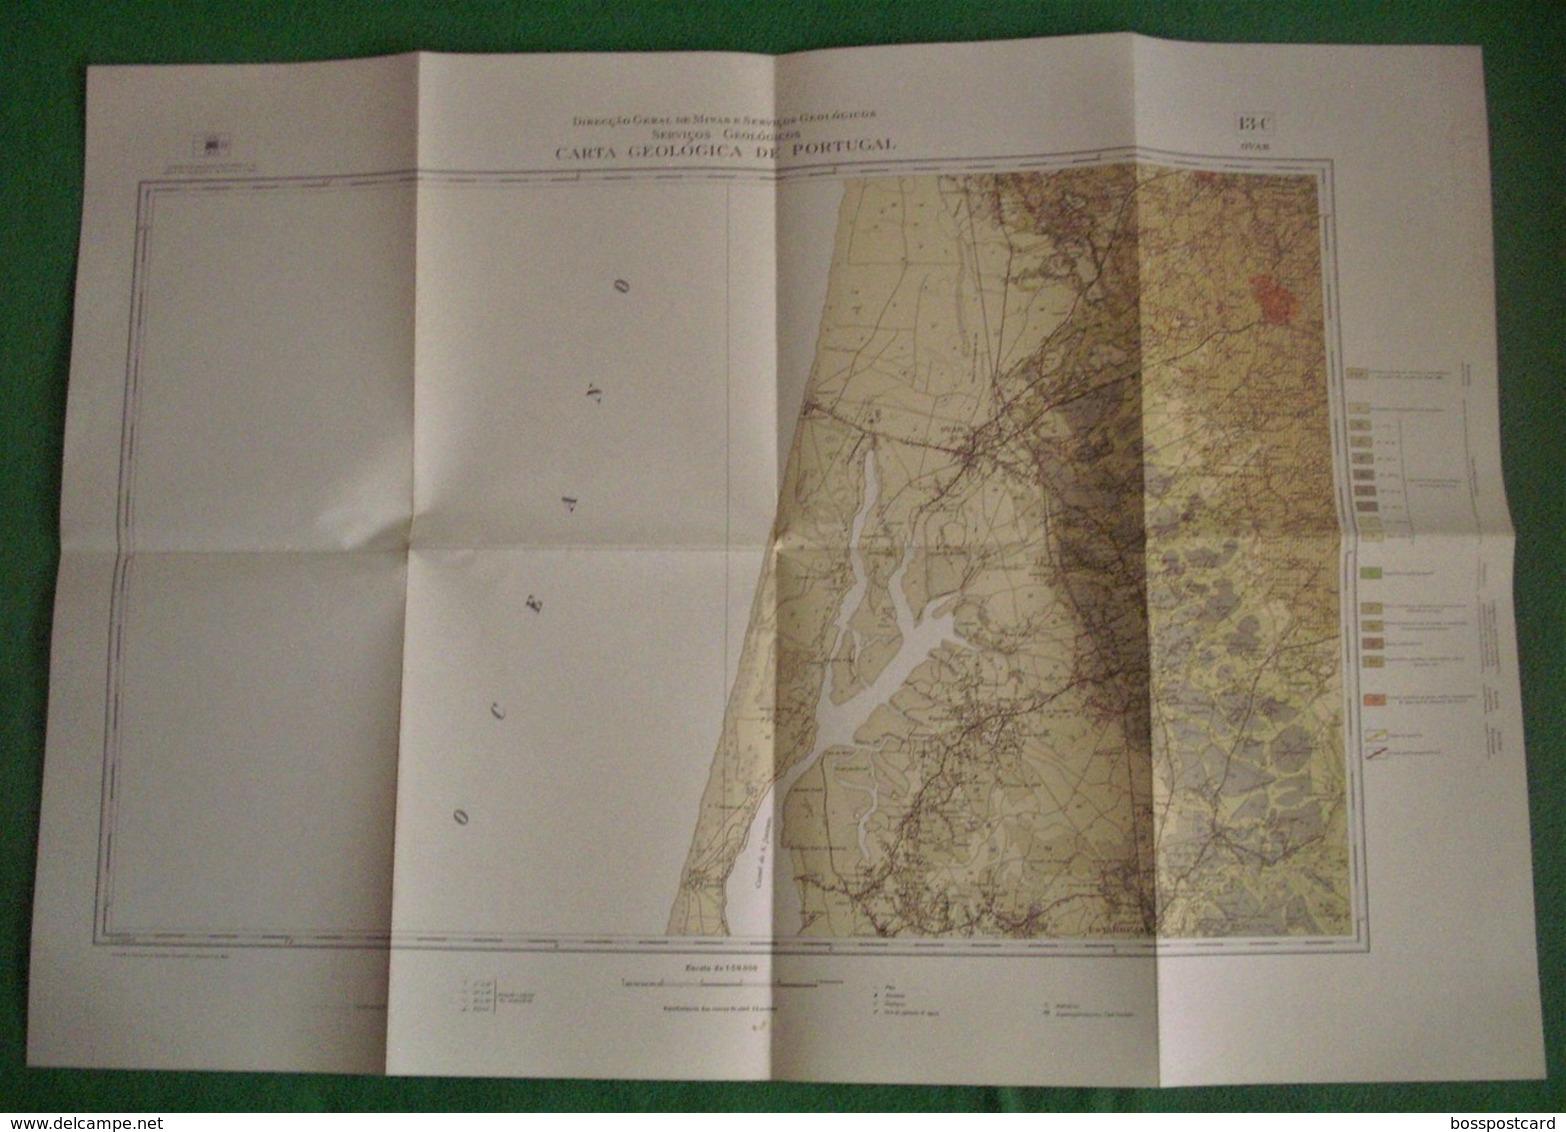 Ovar - Carta Geológica De Portugal + Mapa. Aveiro. - Geographical Maps